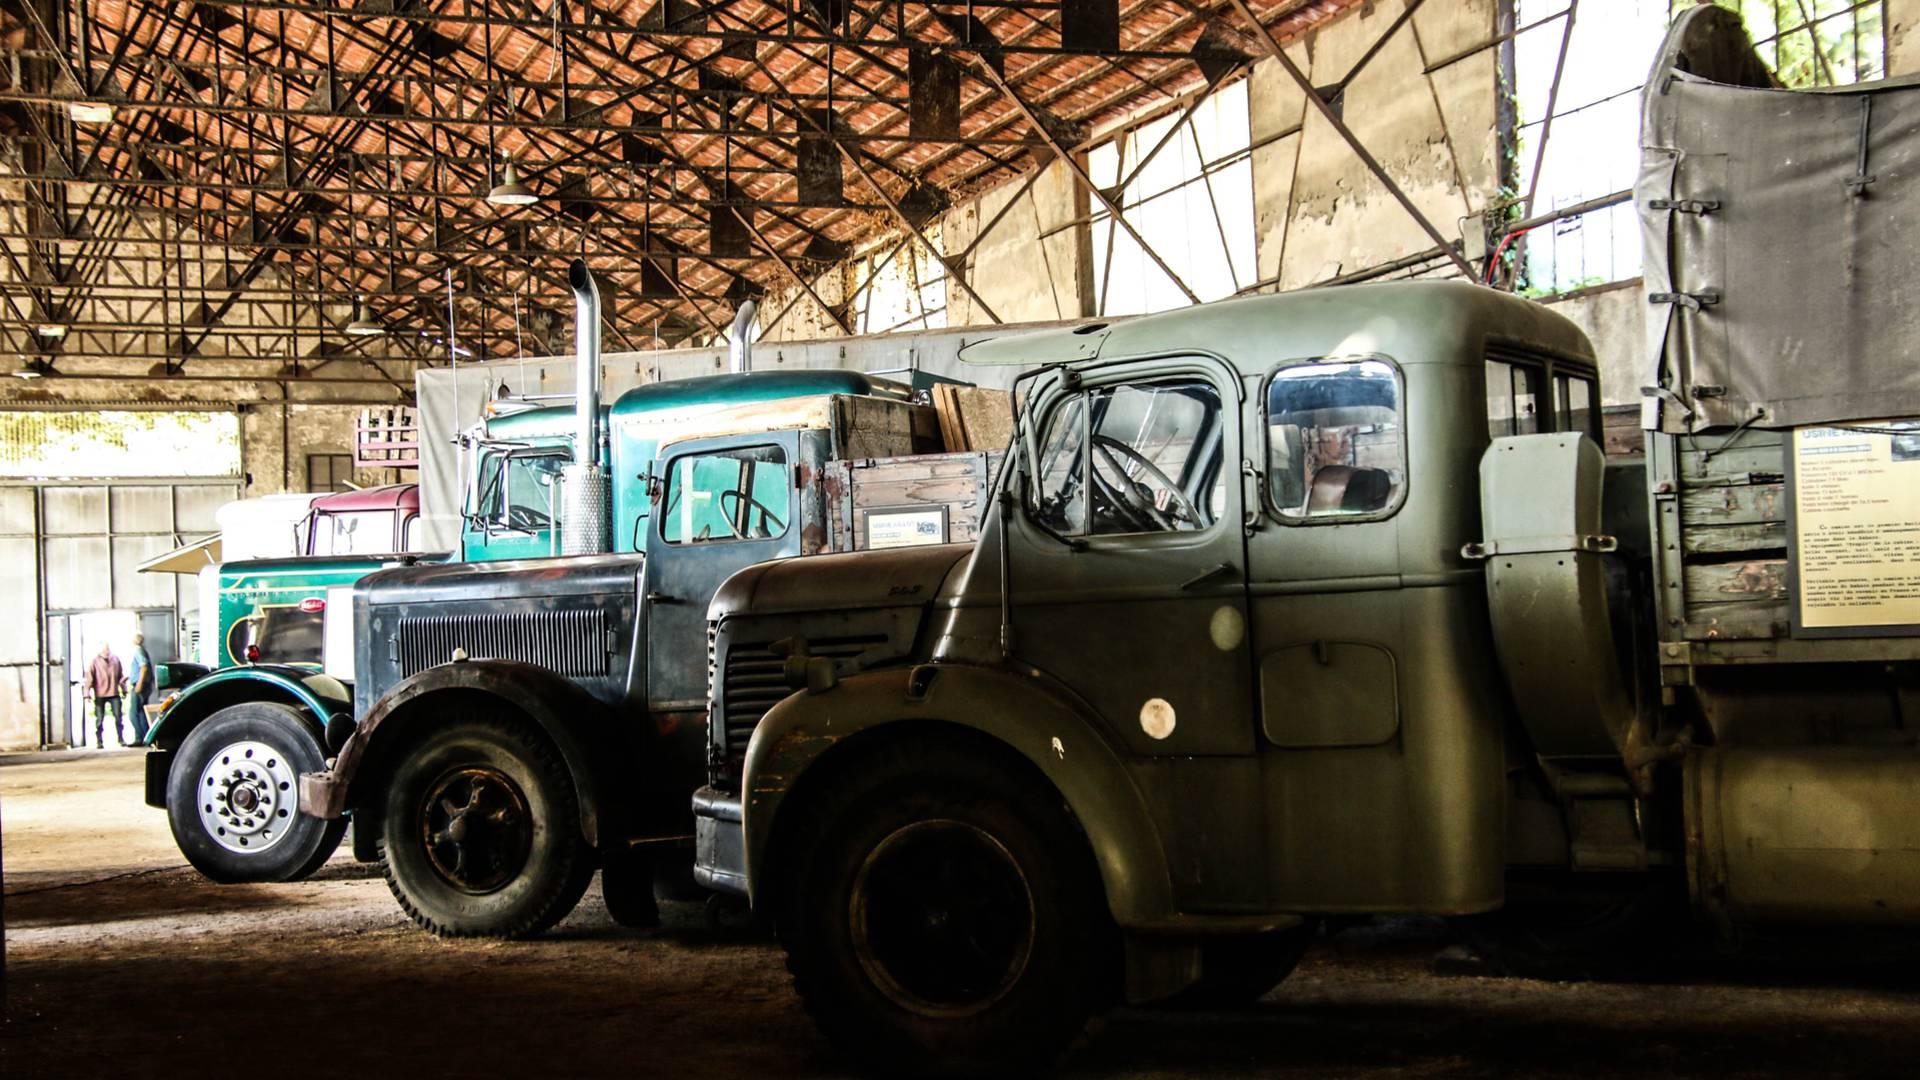 Dans la Galerie du camion ancien. © Lesley Williamson.